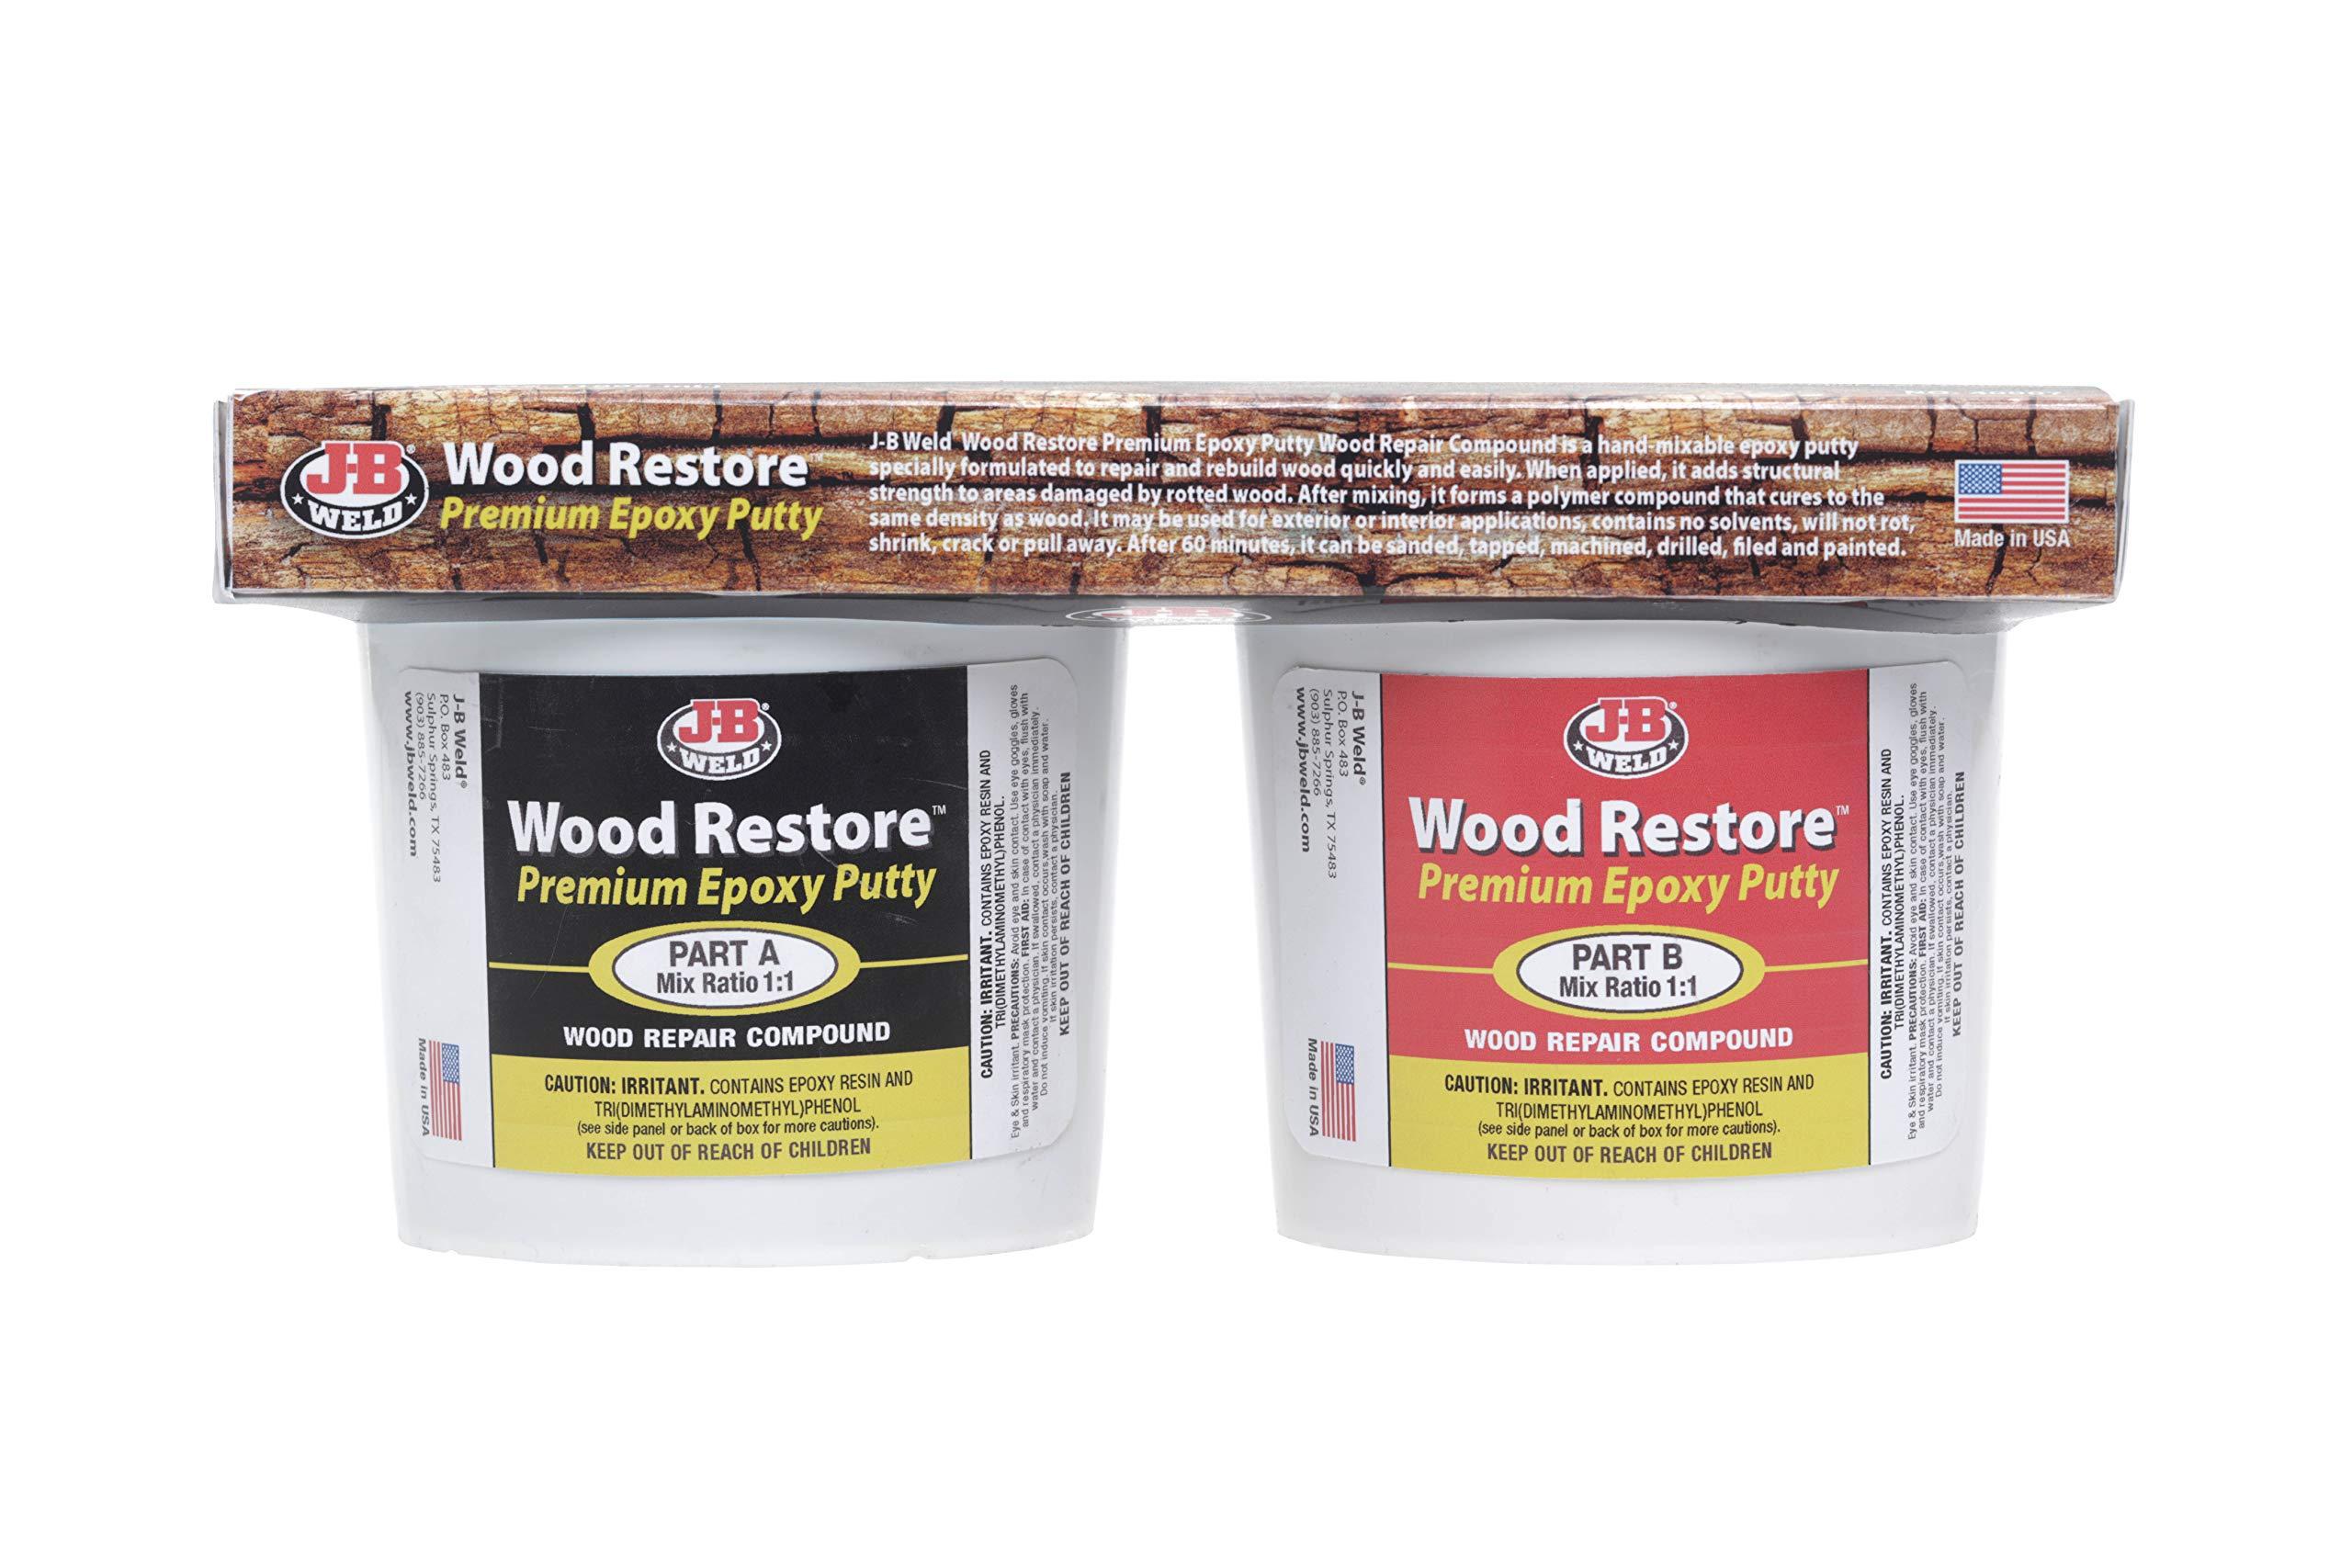 J-B Weld 40007 Wood Restore Premium Epoxy Putty Kit - 64 oz